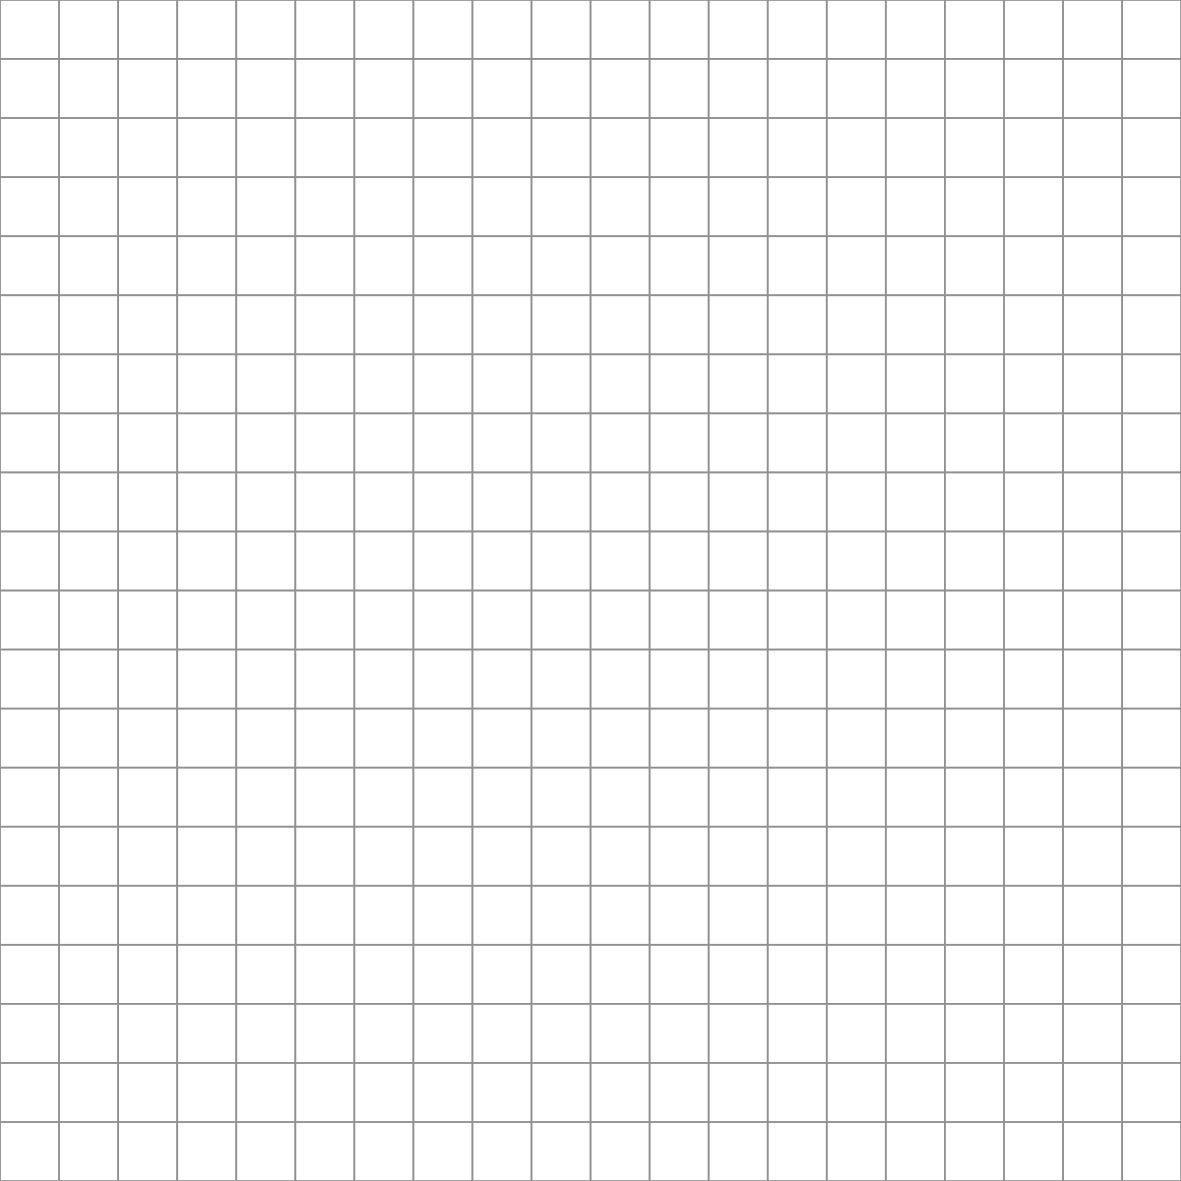 SIGEL HO260 Vade sobremesa de papel 59.5 x 41 cm 30 hojas gris cuadriculado